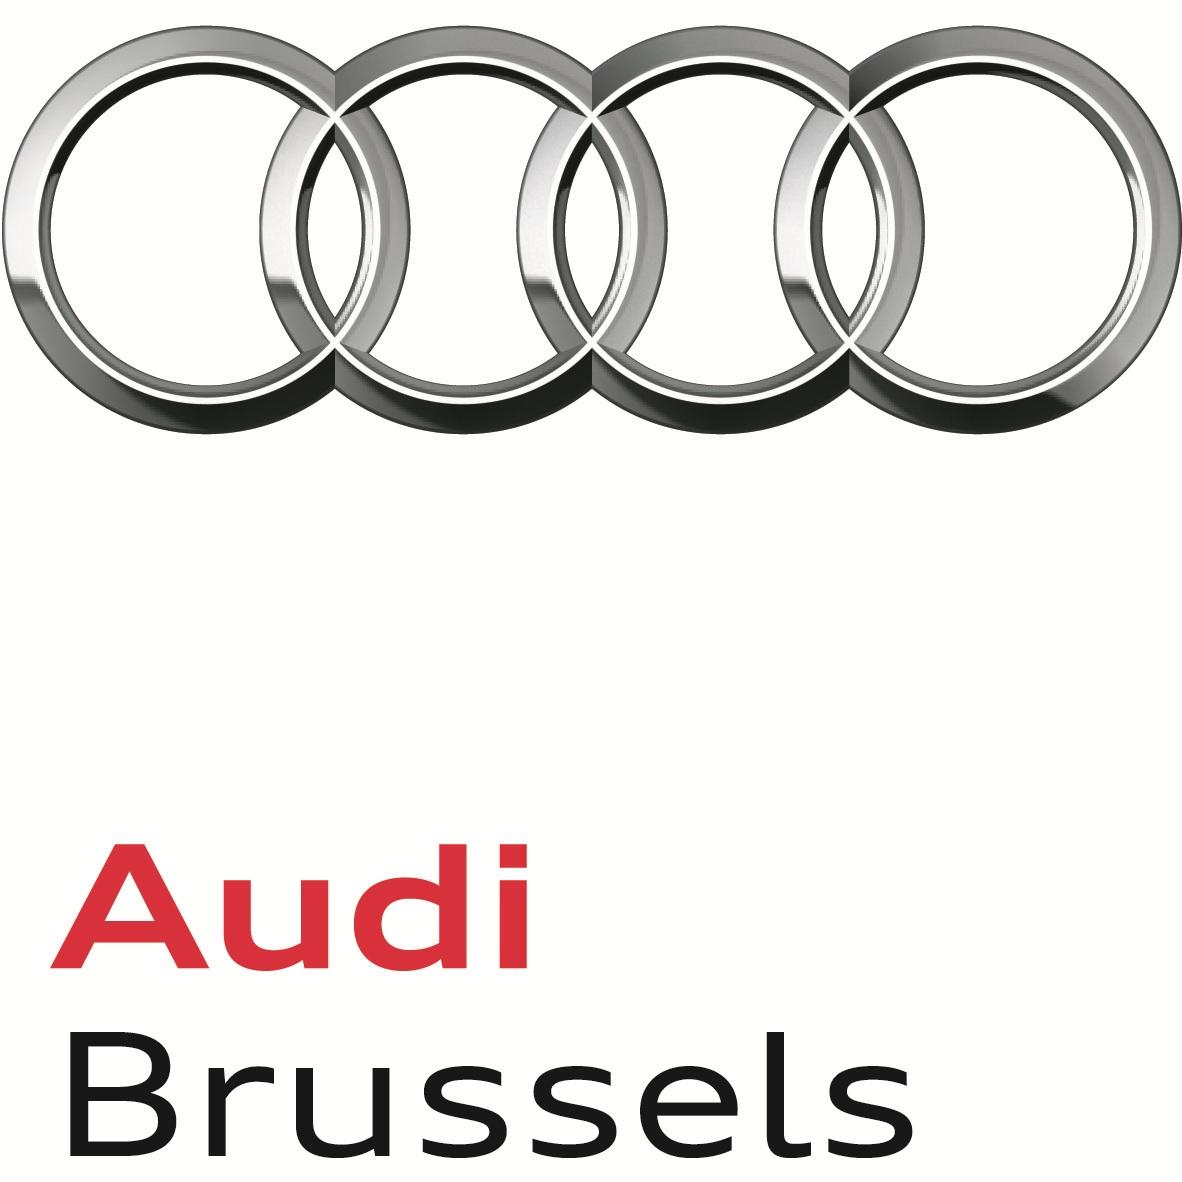 Audi Brussels.jpg